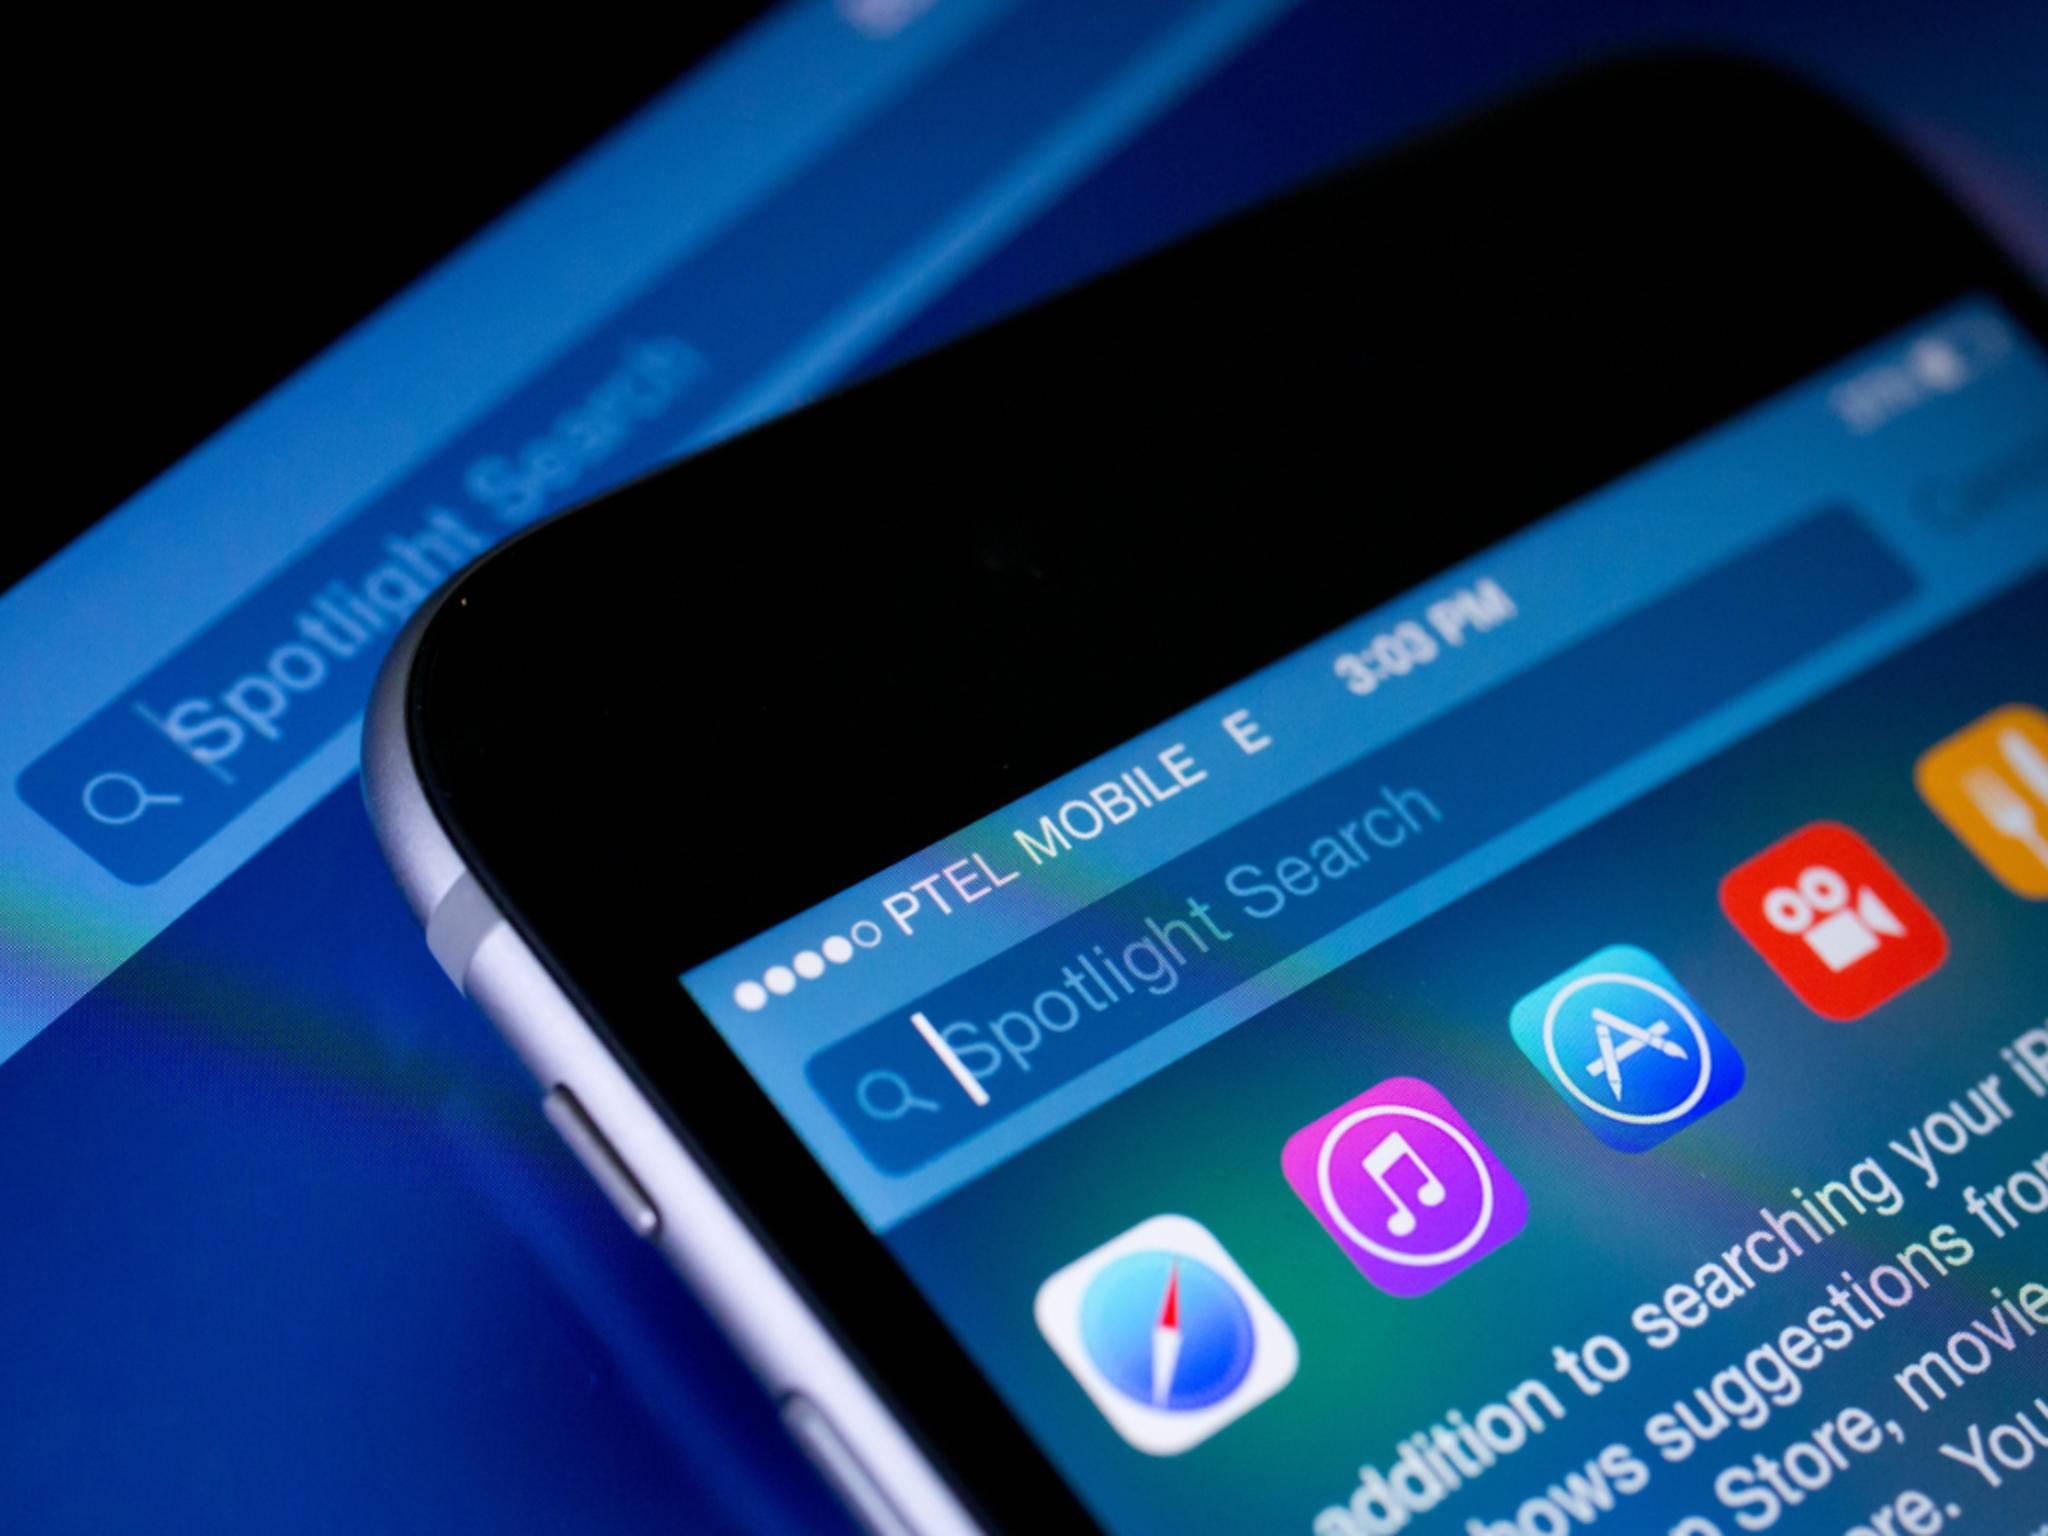 Der Release von iOS 9 dürfte zusammen mit dem iPhone 6s stattfinden.